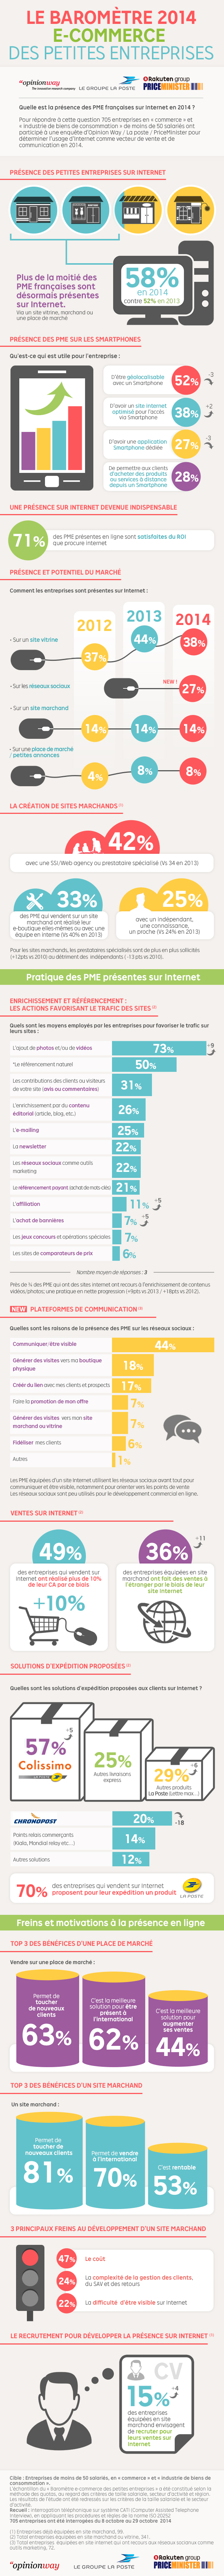 barometre 2014 e-commerce petites  et moyennes entreprises